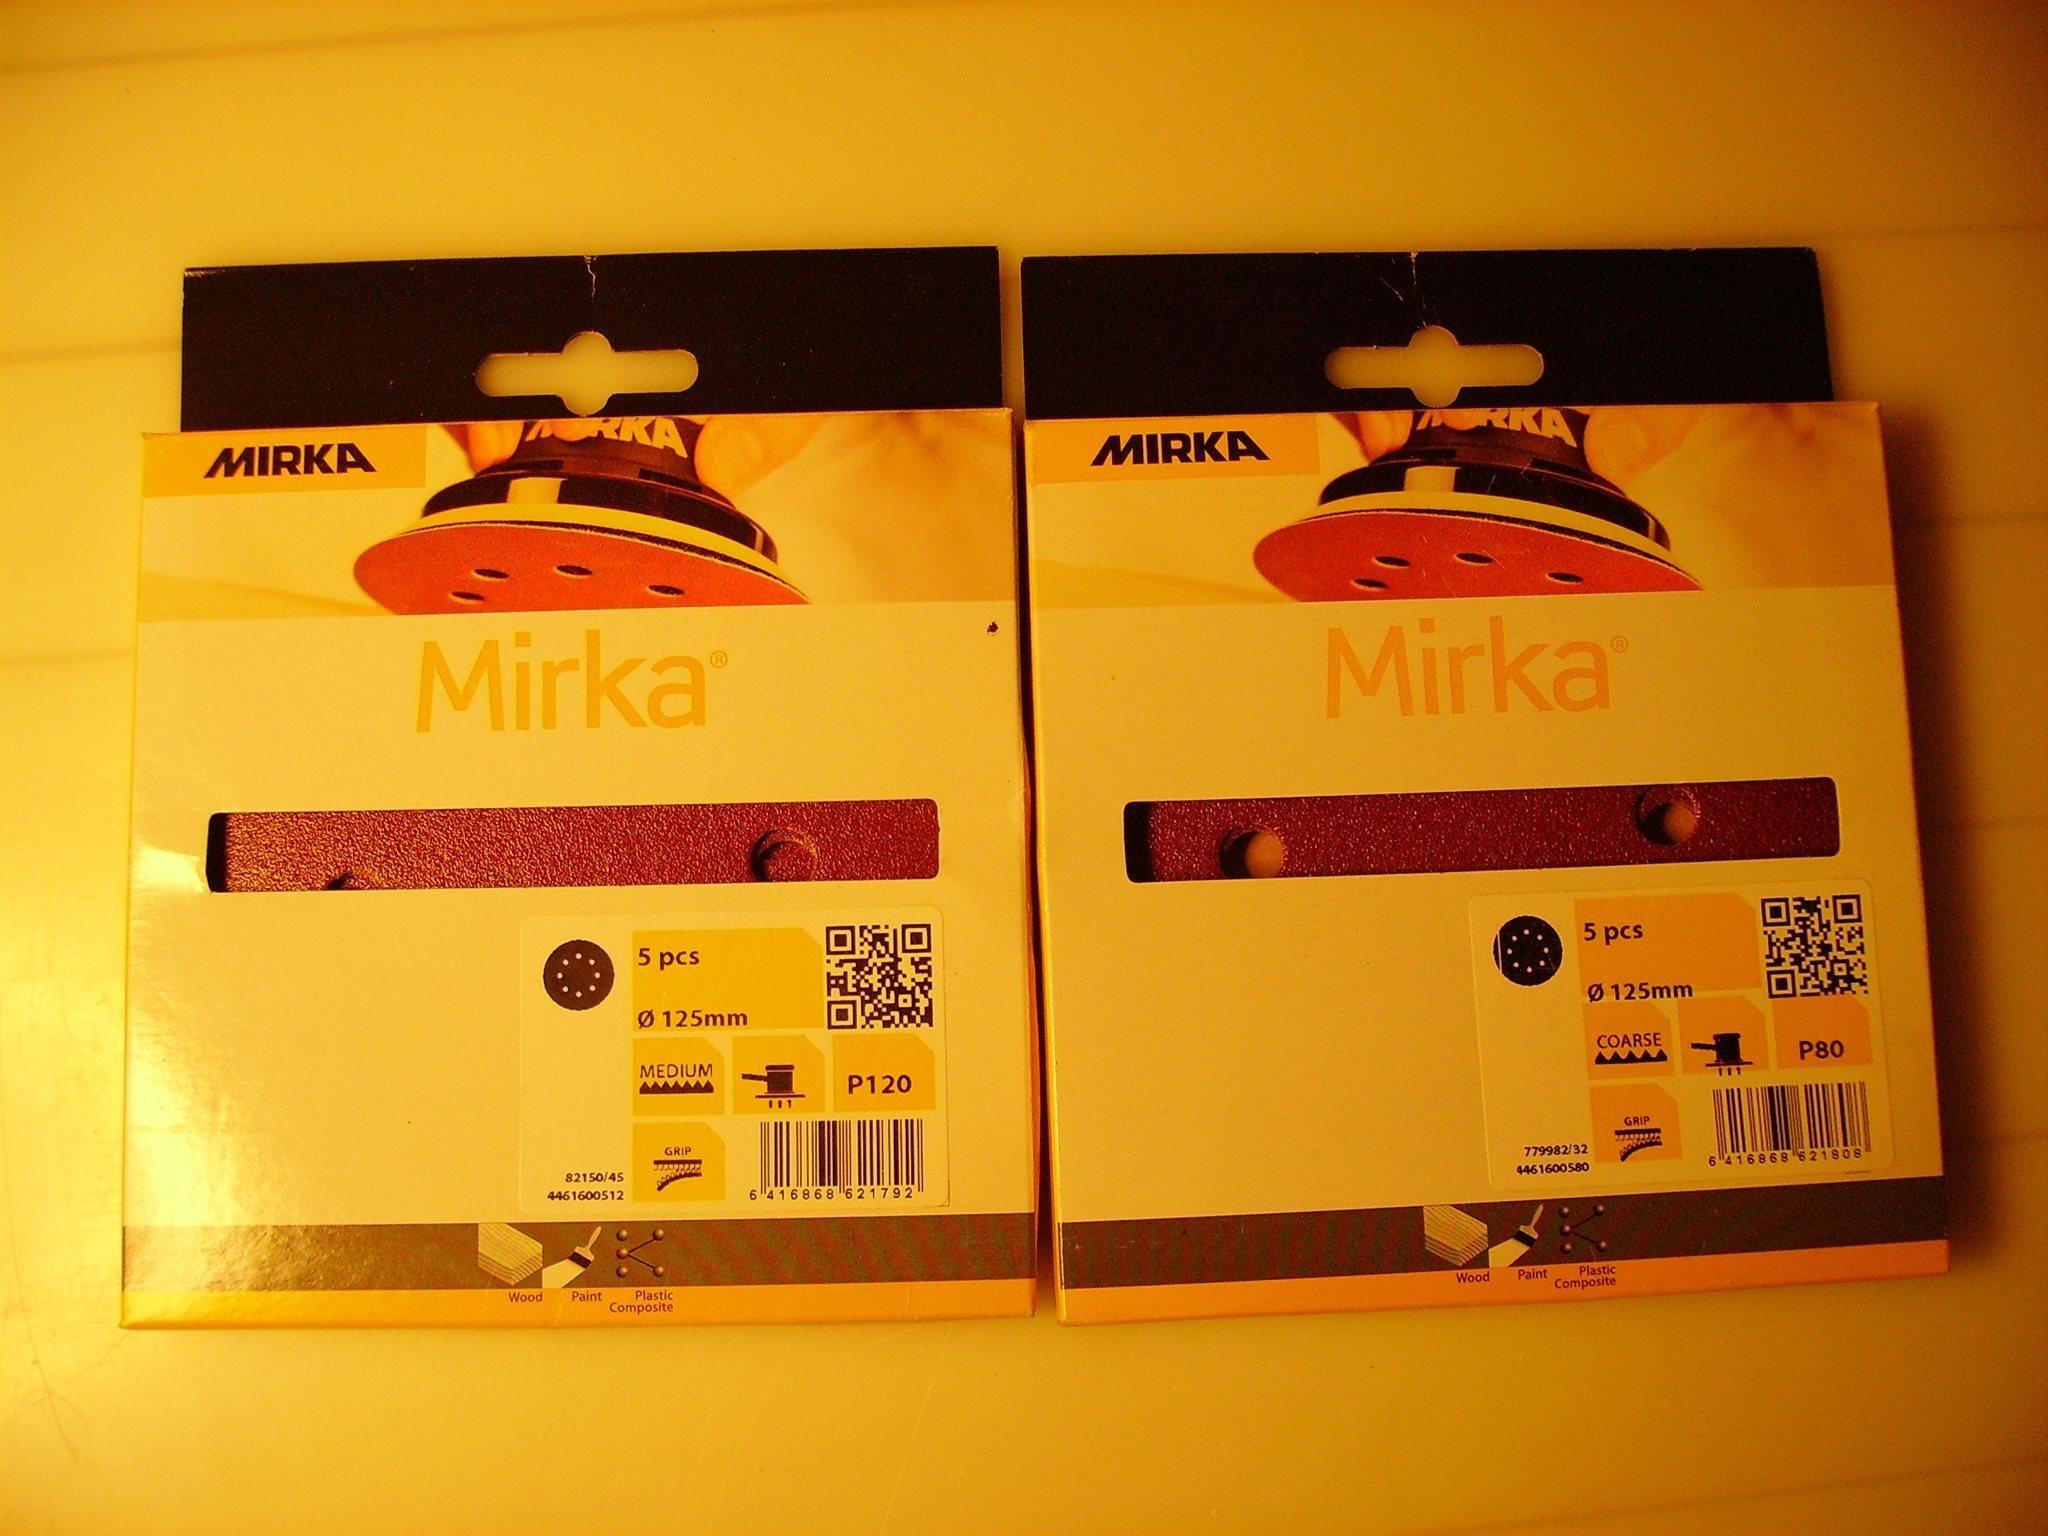 Slippapper Mirka rondell (339298849) ᐈ Köp på Tradera 8f1da331e383d